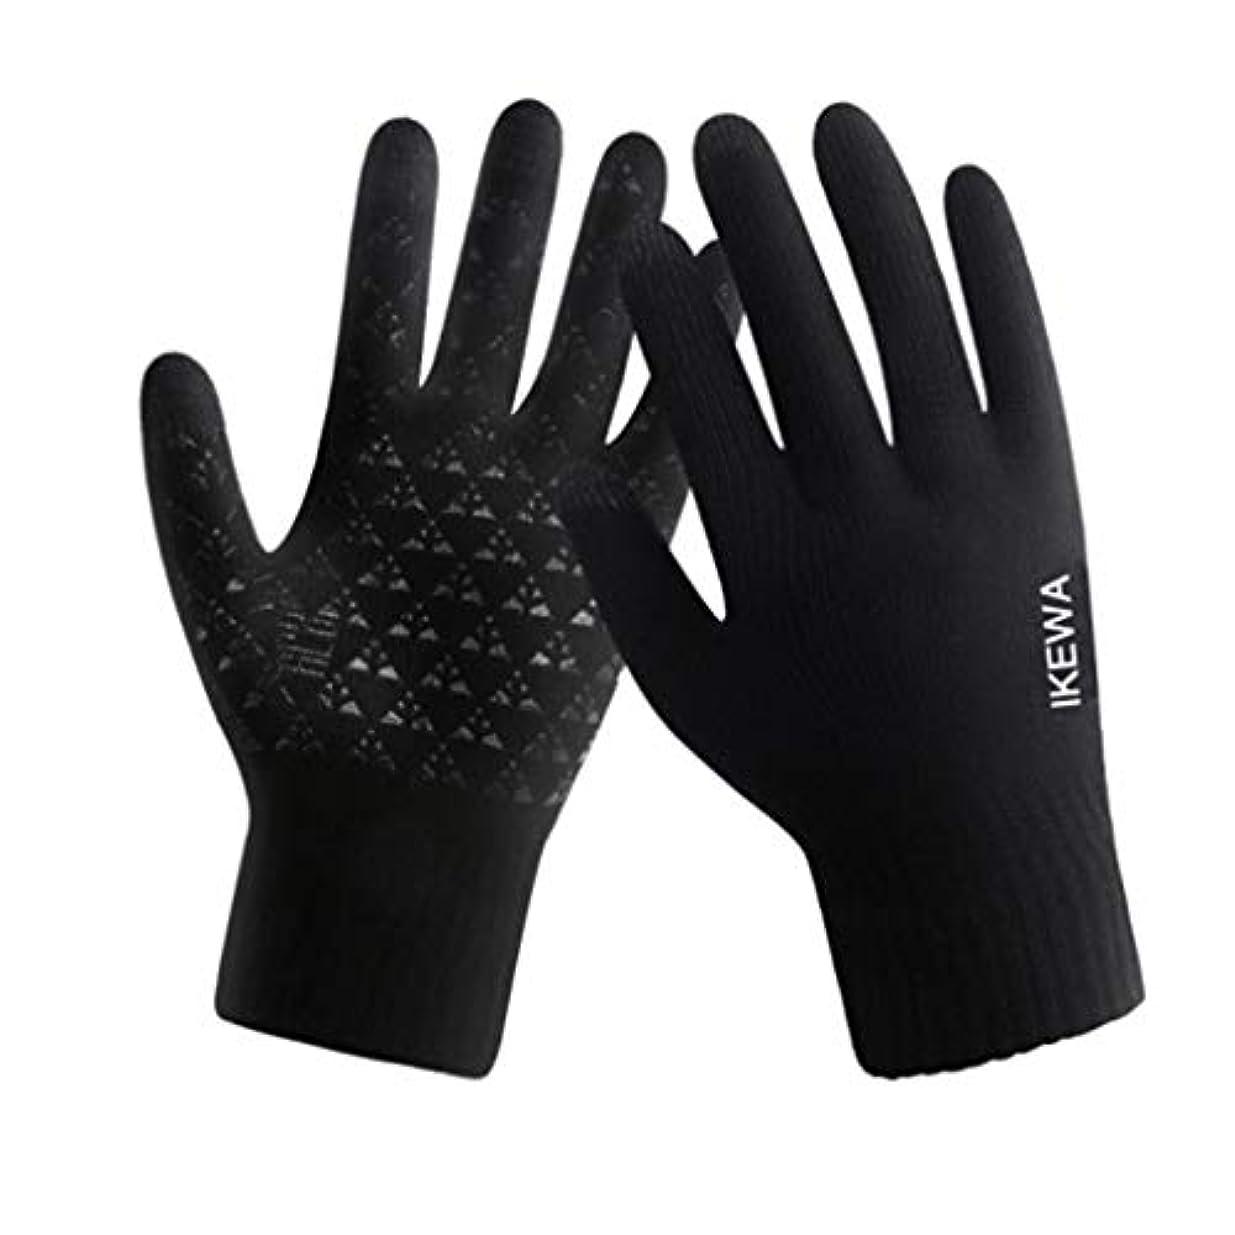 感謝祭変数干ばつ冬の羊毛の手袋、男性と女性、サイクリング、暖かいニット、タッチスクリーン、5本指の手袋、黒(男性)